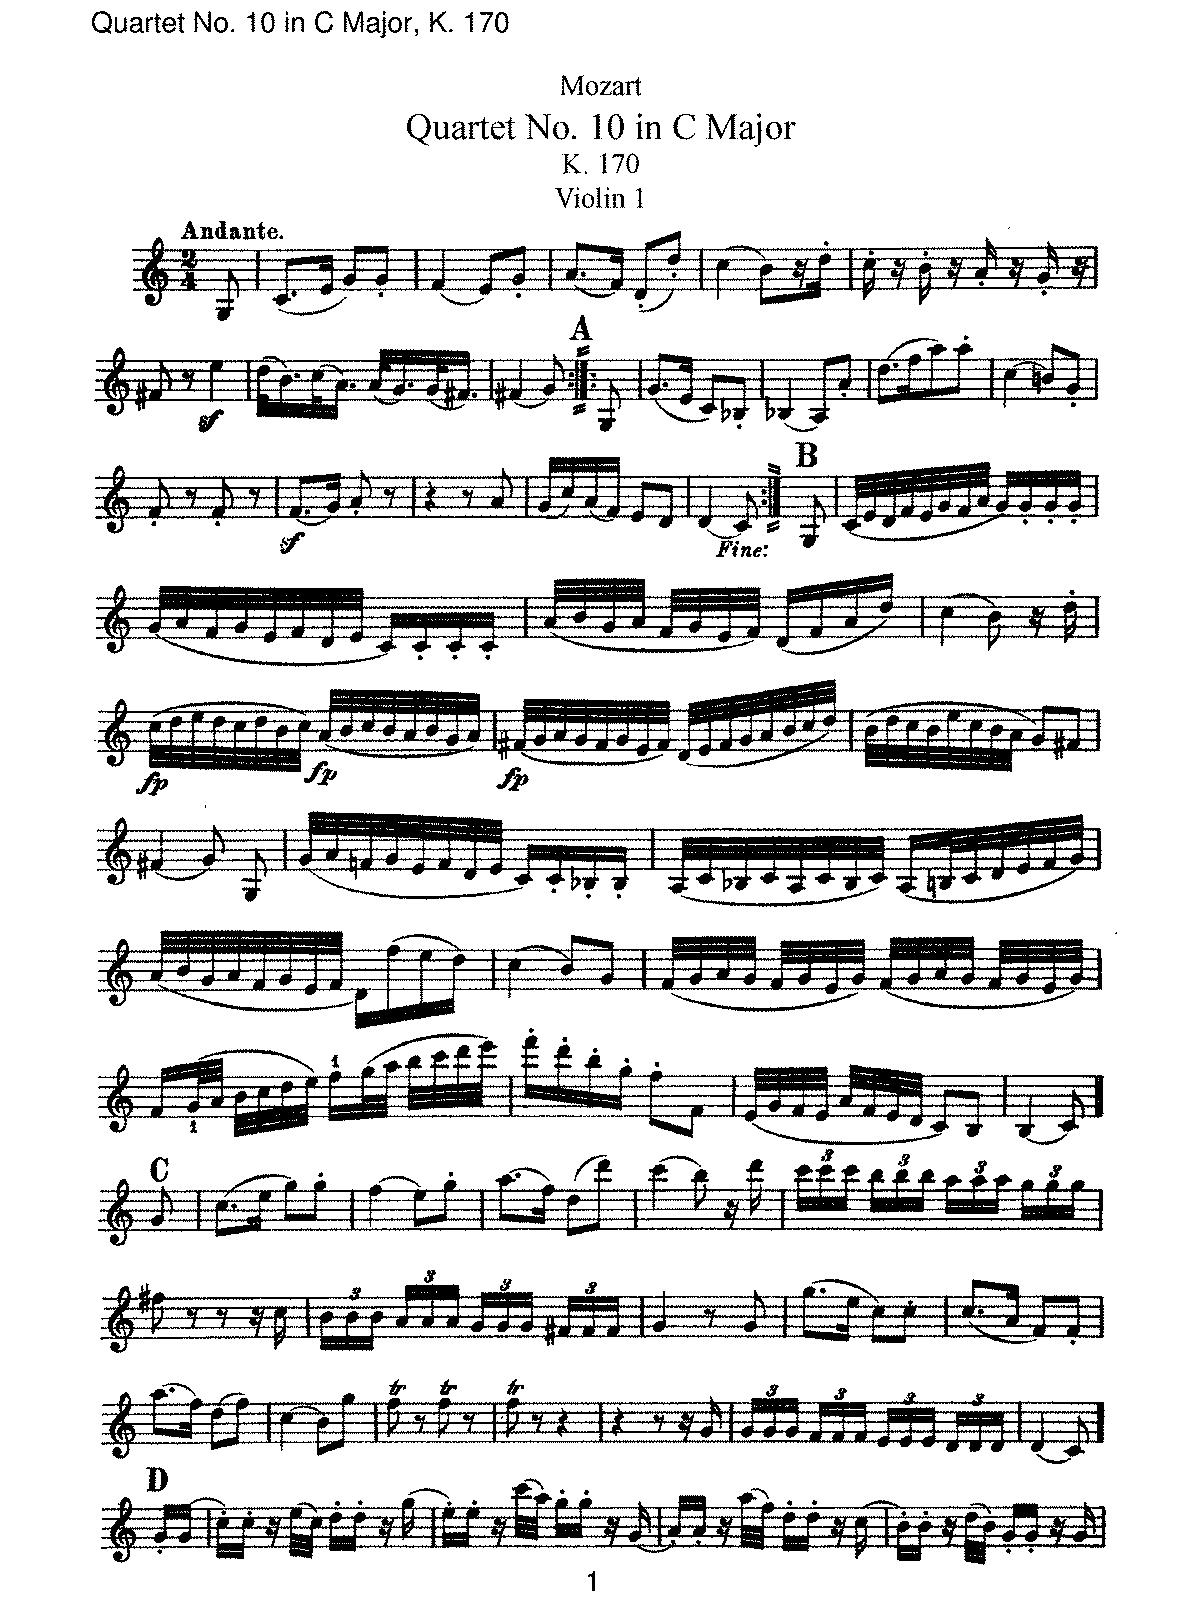 C 大调第十号弦乐四重奏, K.170